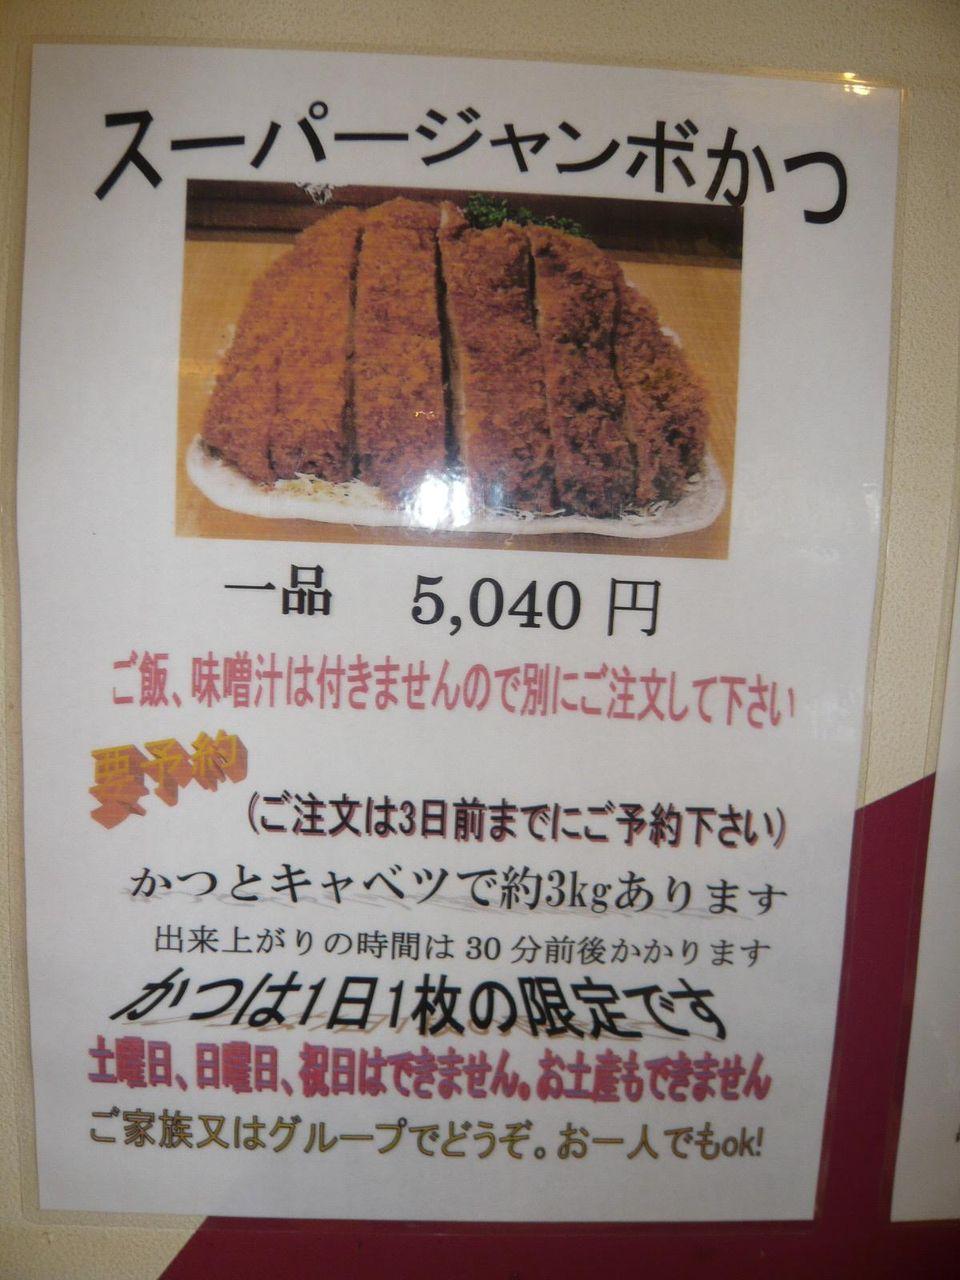 スーパージャンボかつ5,040円!